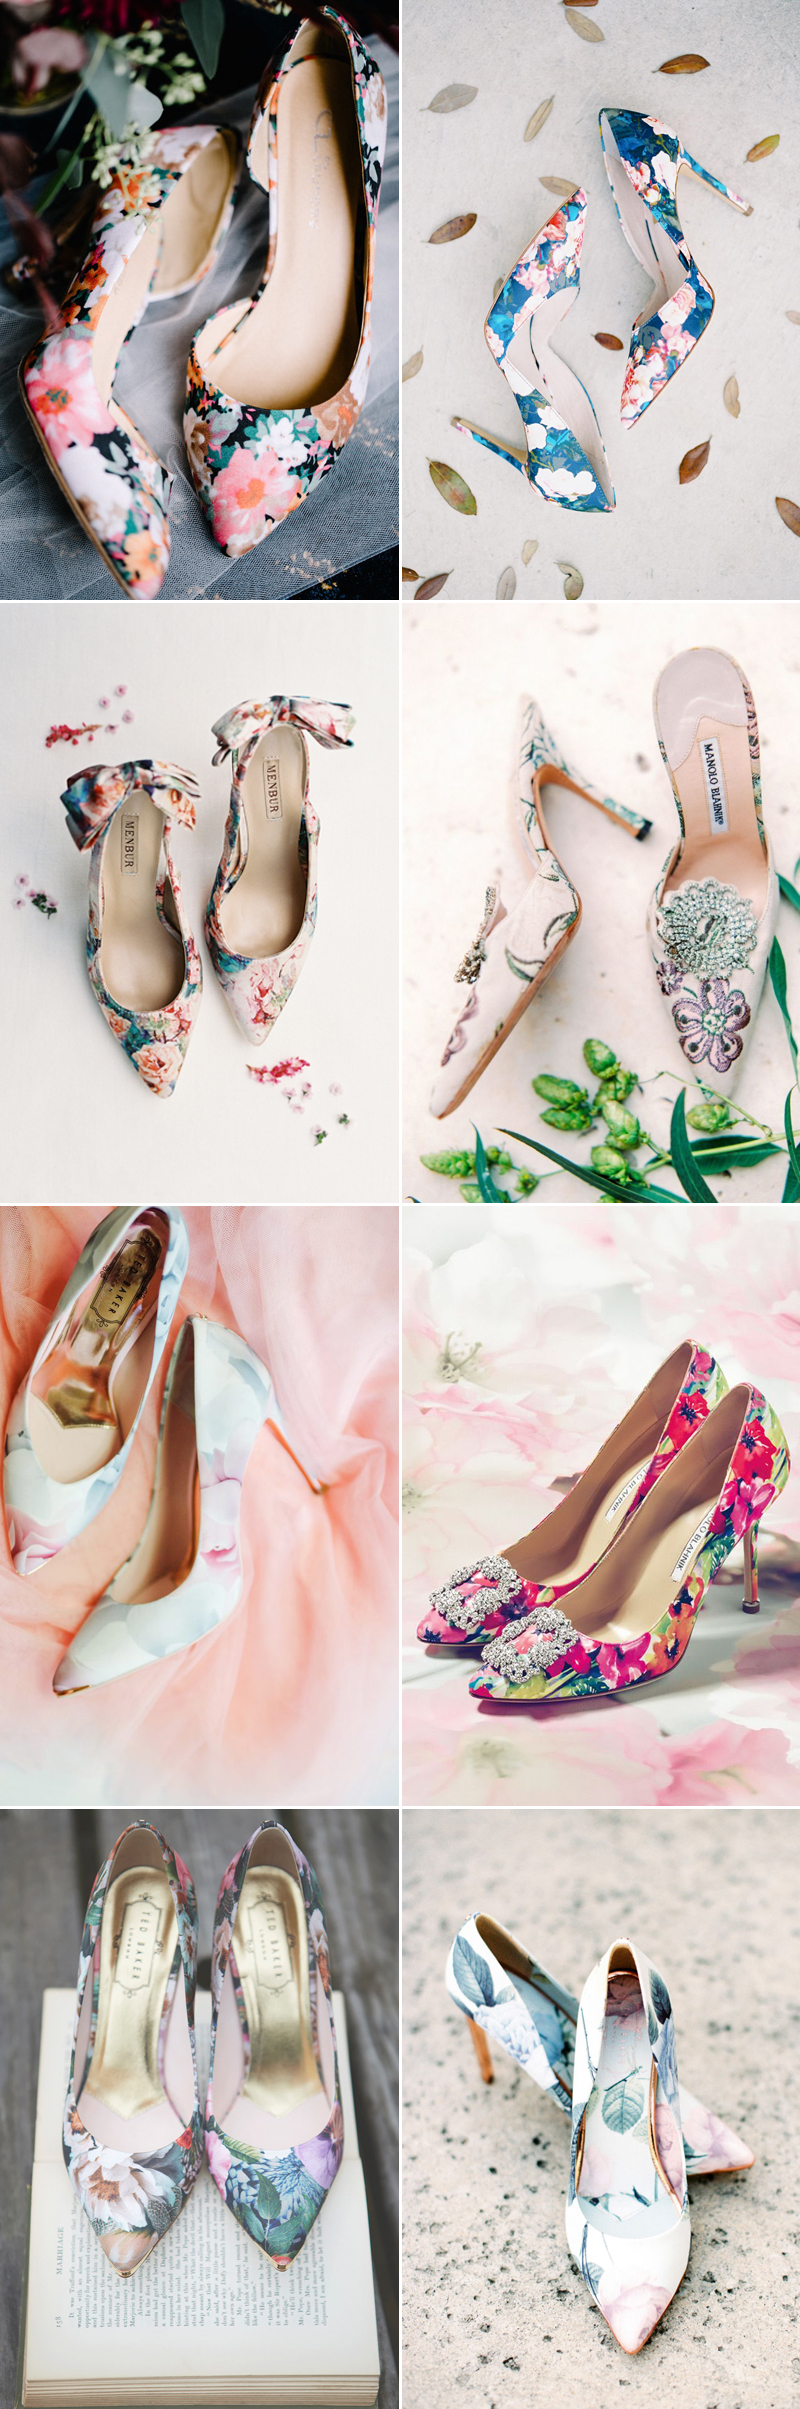 floralshoes01-pump